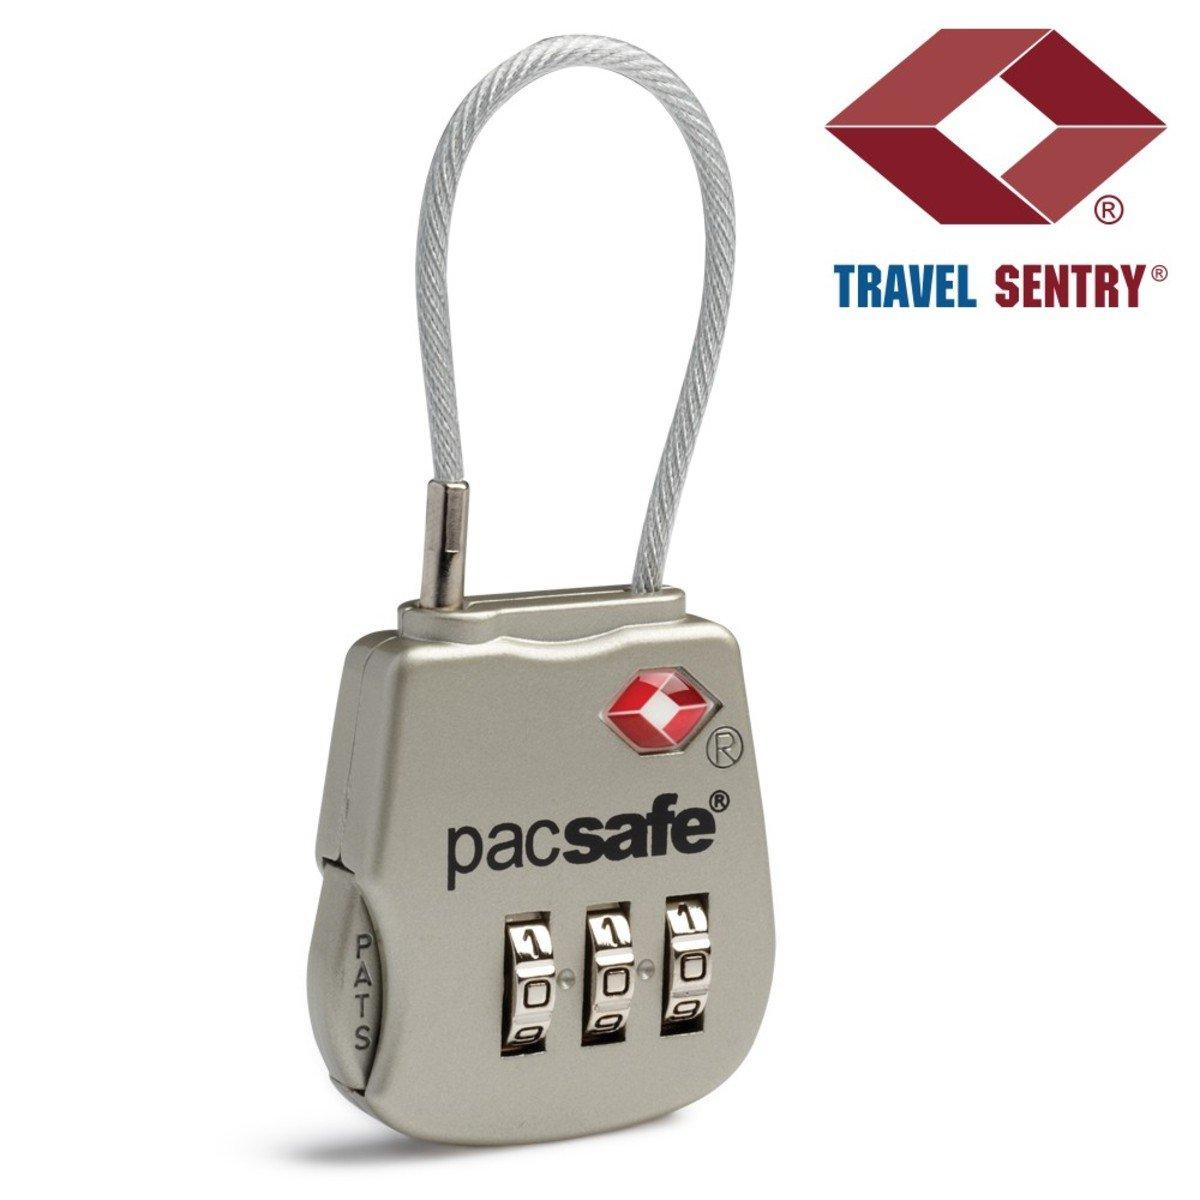 Prosafe800 TSA 認證密碼鋼索鎖